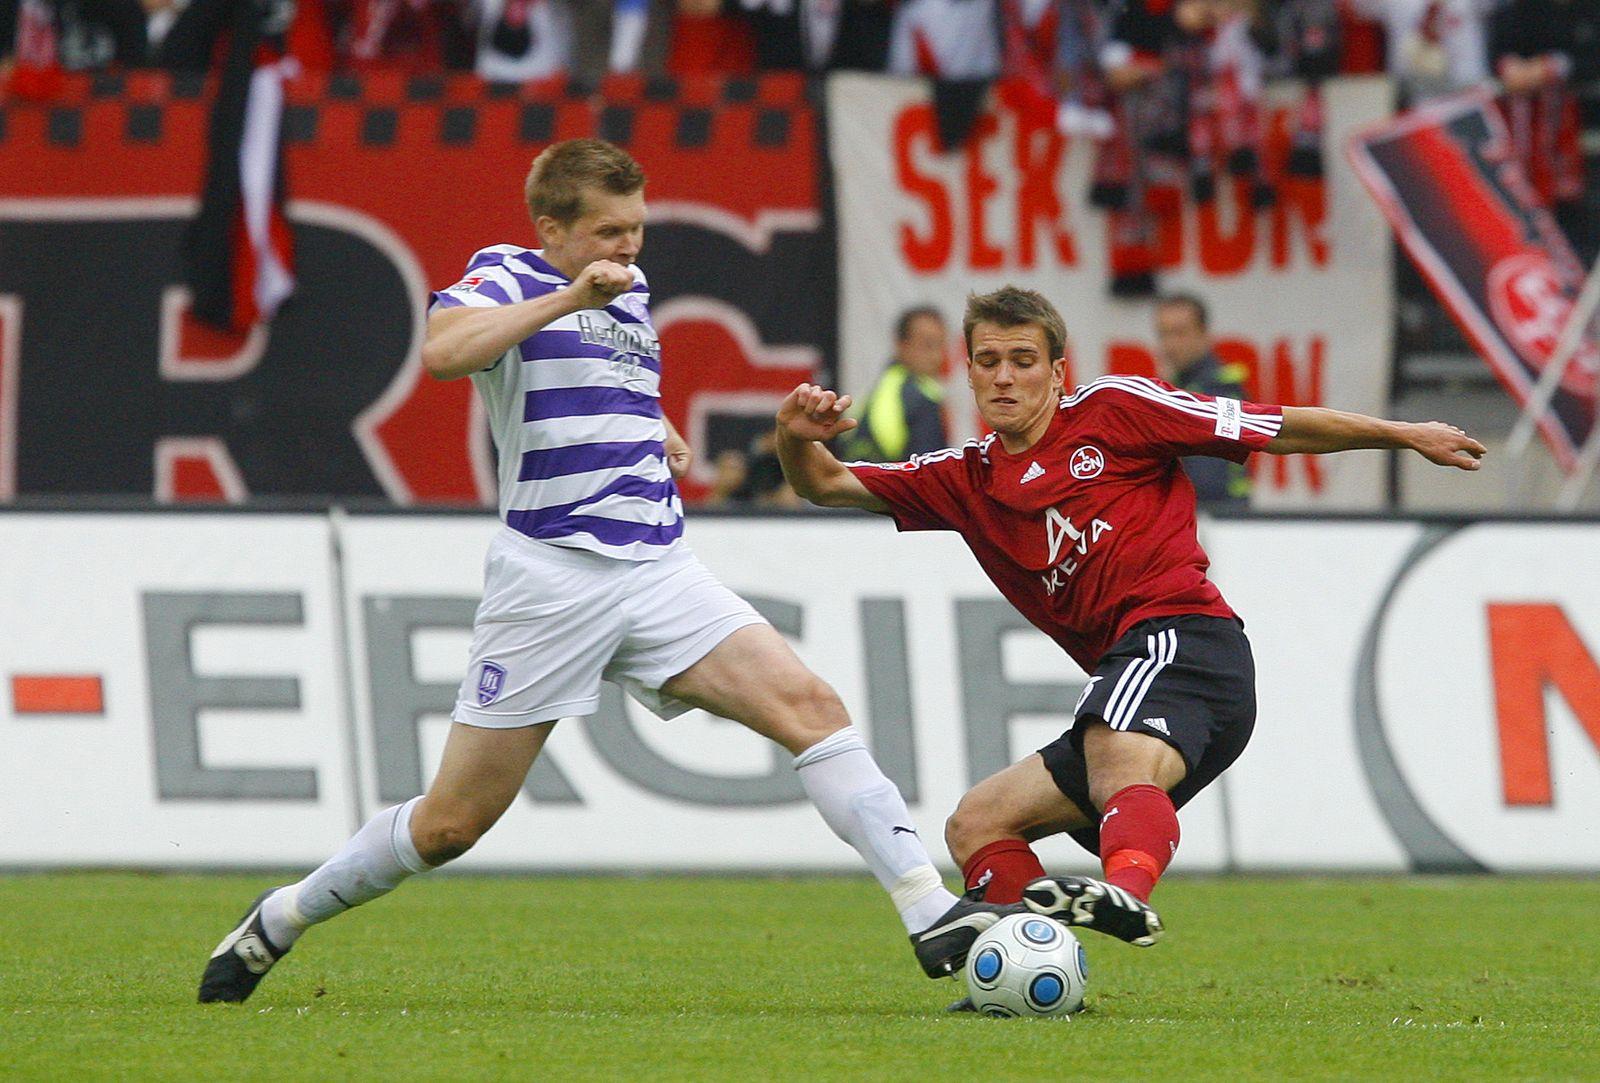 1. FC Nürnberg - VfL Osnabrück / Wettskandal